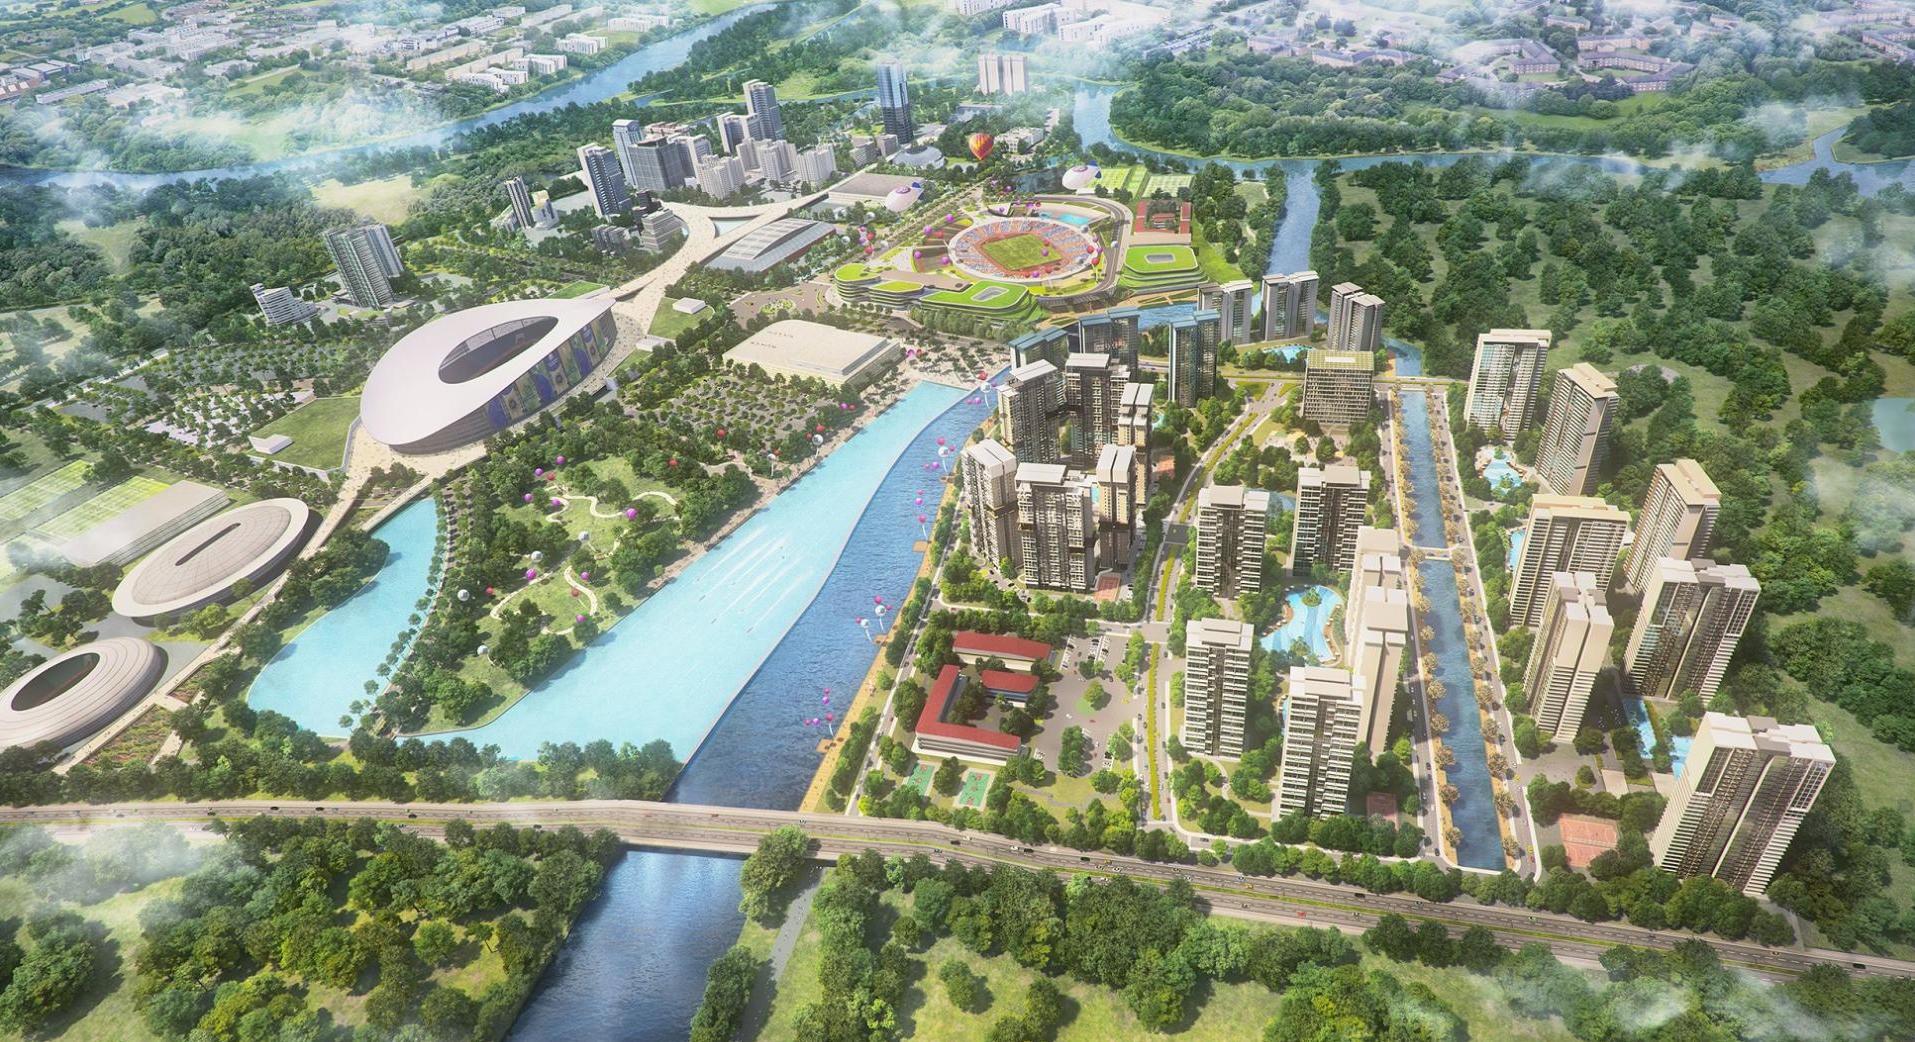 dự án Sài Gòn Sport City